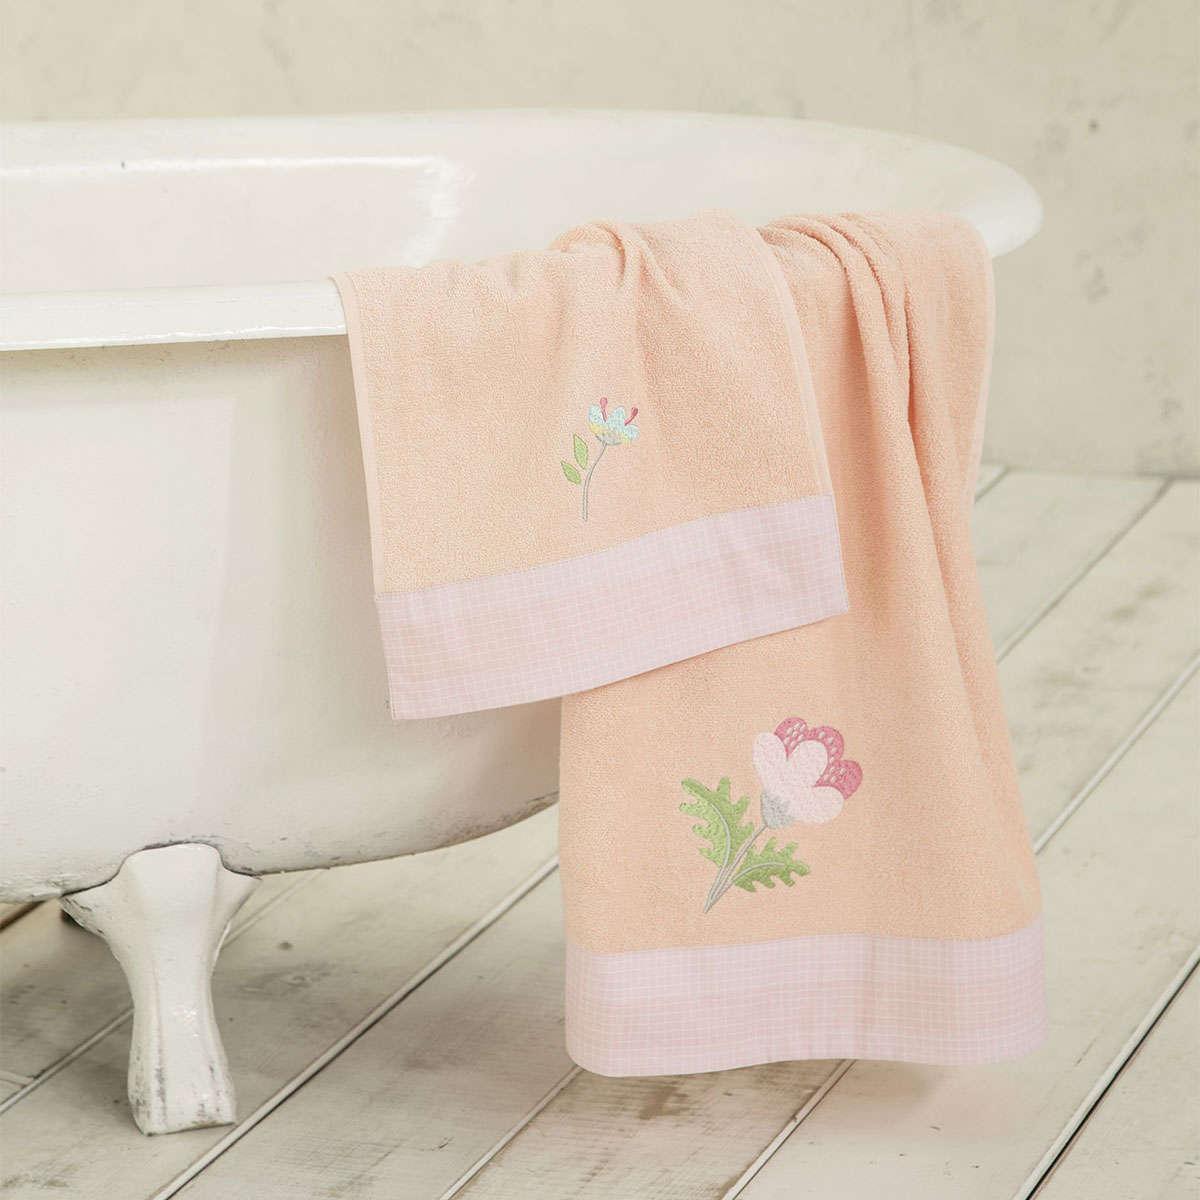 Πετσέτες Παιδικές Σετ – Lilianna Salmon Nima Σετ Πετσέτες 70x140cm